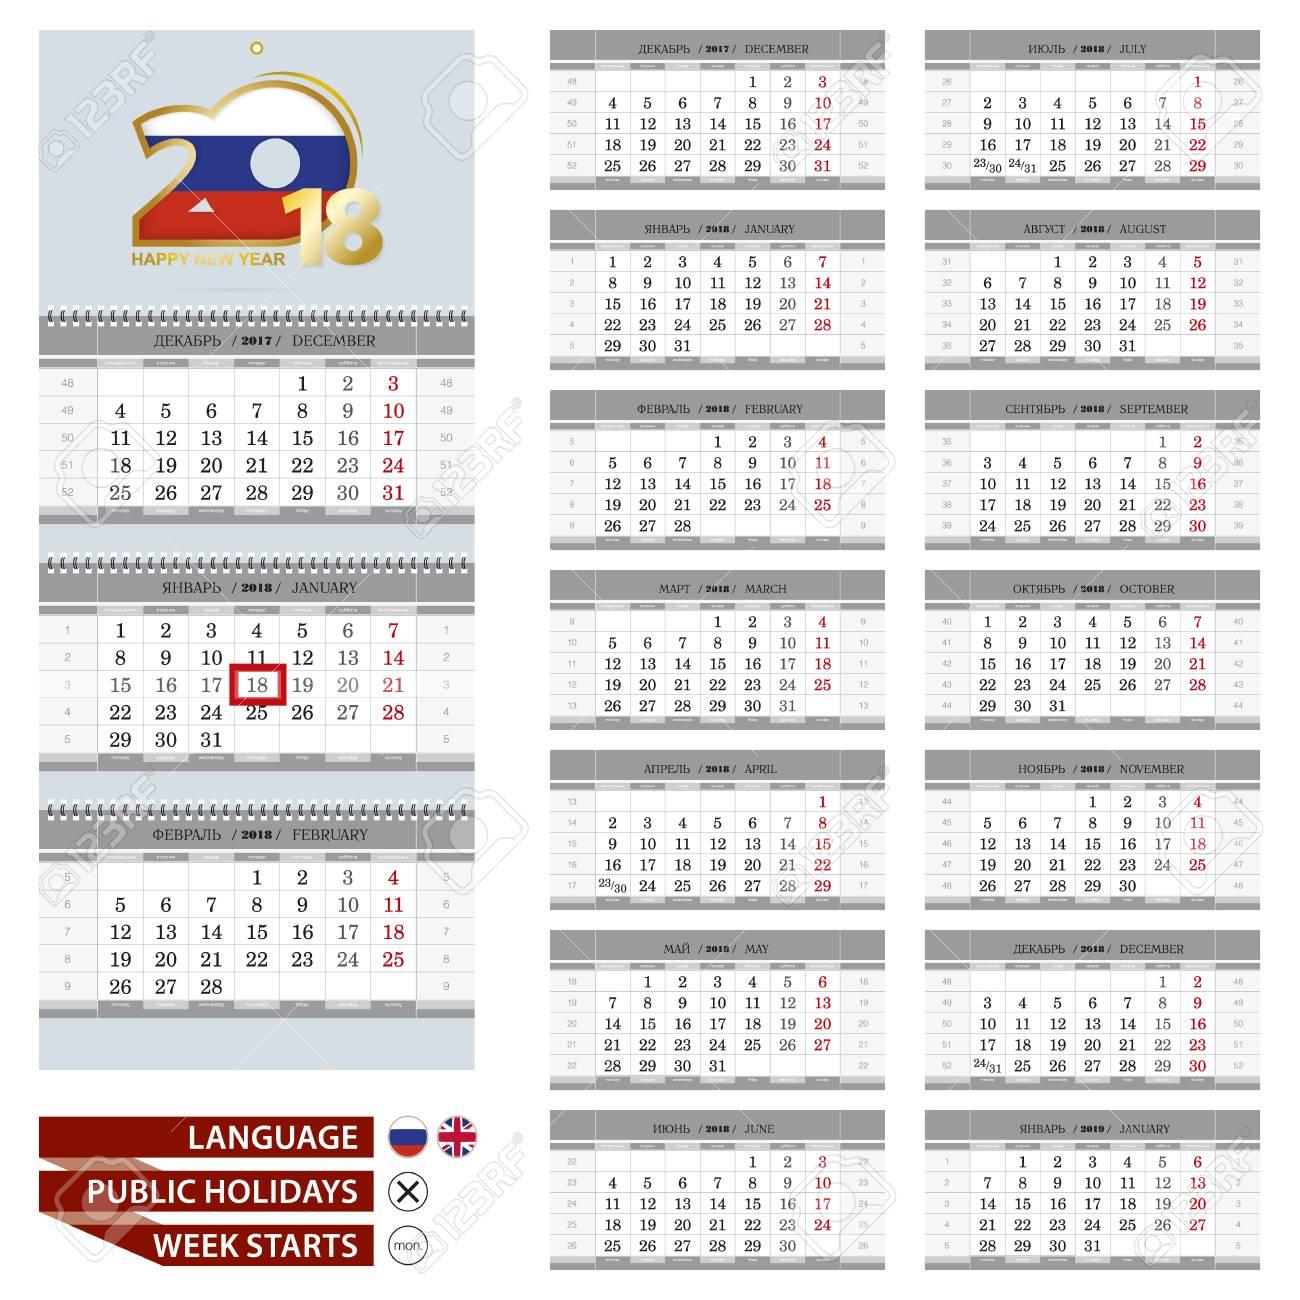 Calendario Trimestrali.Calendario Trimestrale A Parete 2018 Russo E Inglese Settimana Inizia Da Lunedi